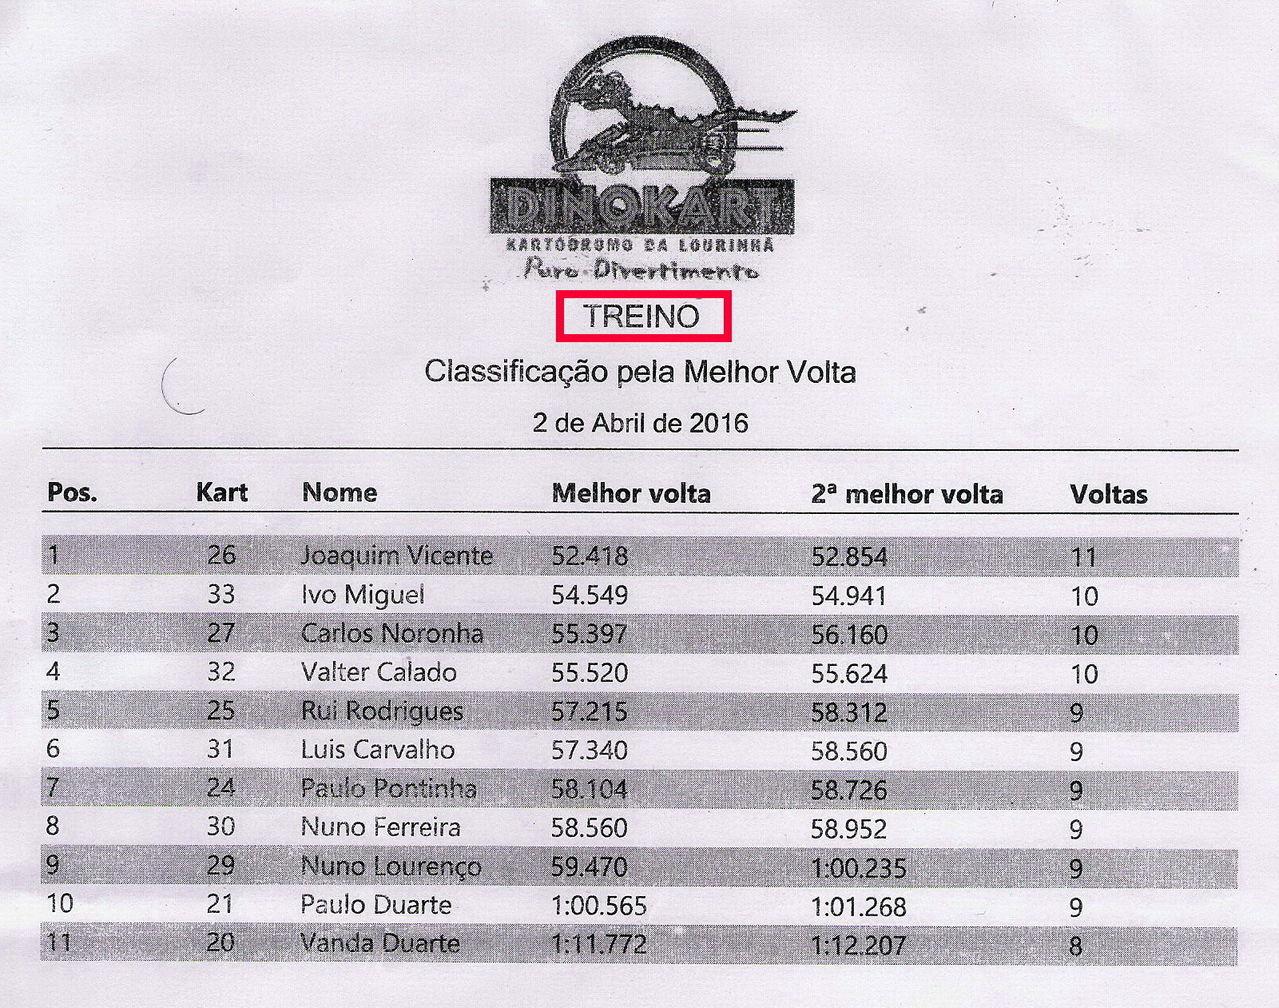 DINOKART Lourinhã - Classificação Geral Karting  Treino